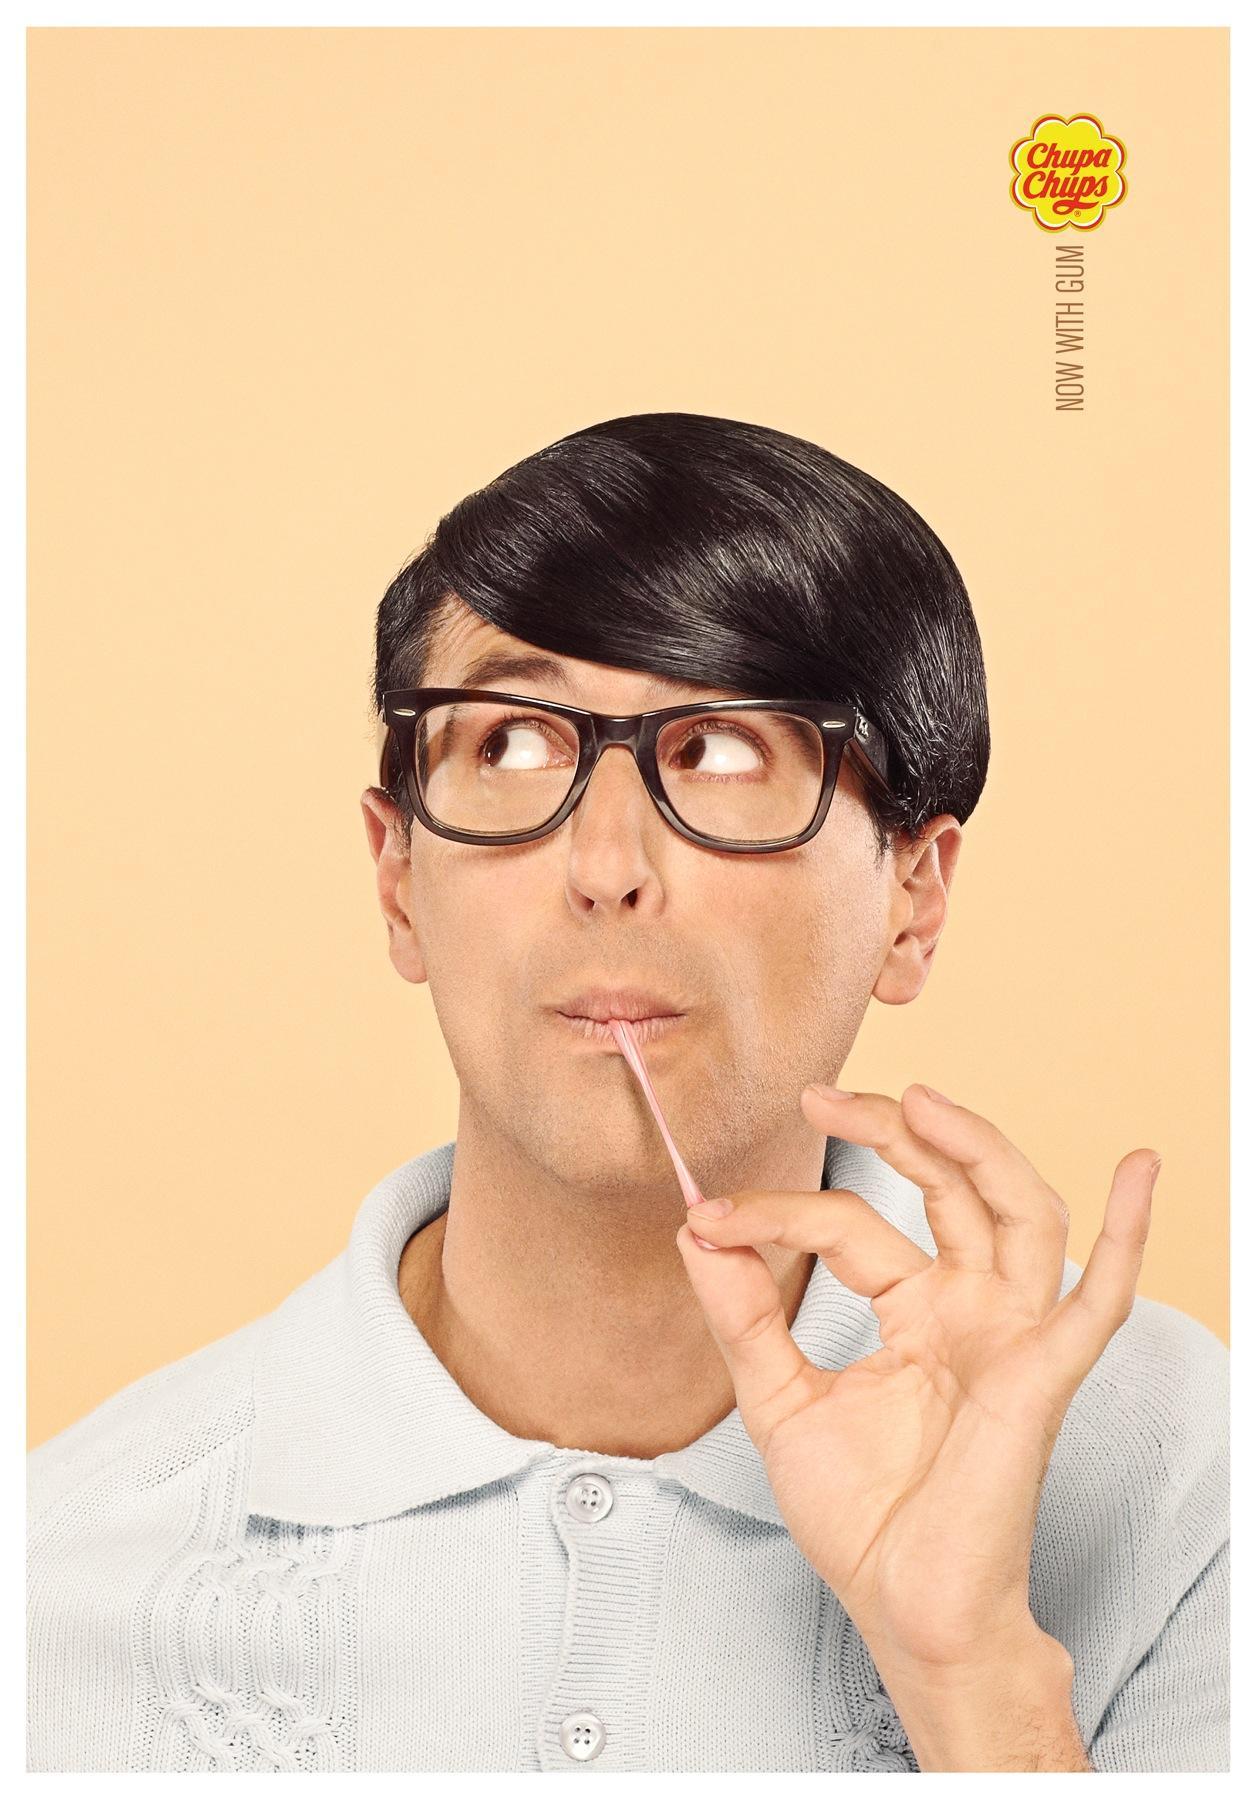 Chupa Chups Print Ad -  Now with gum, 1